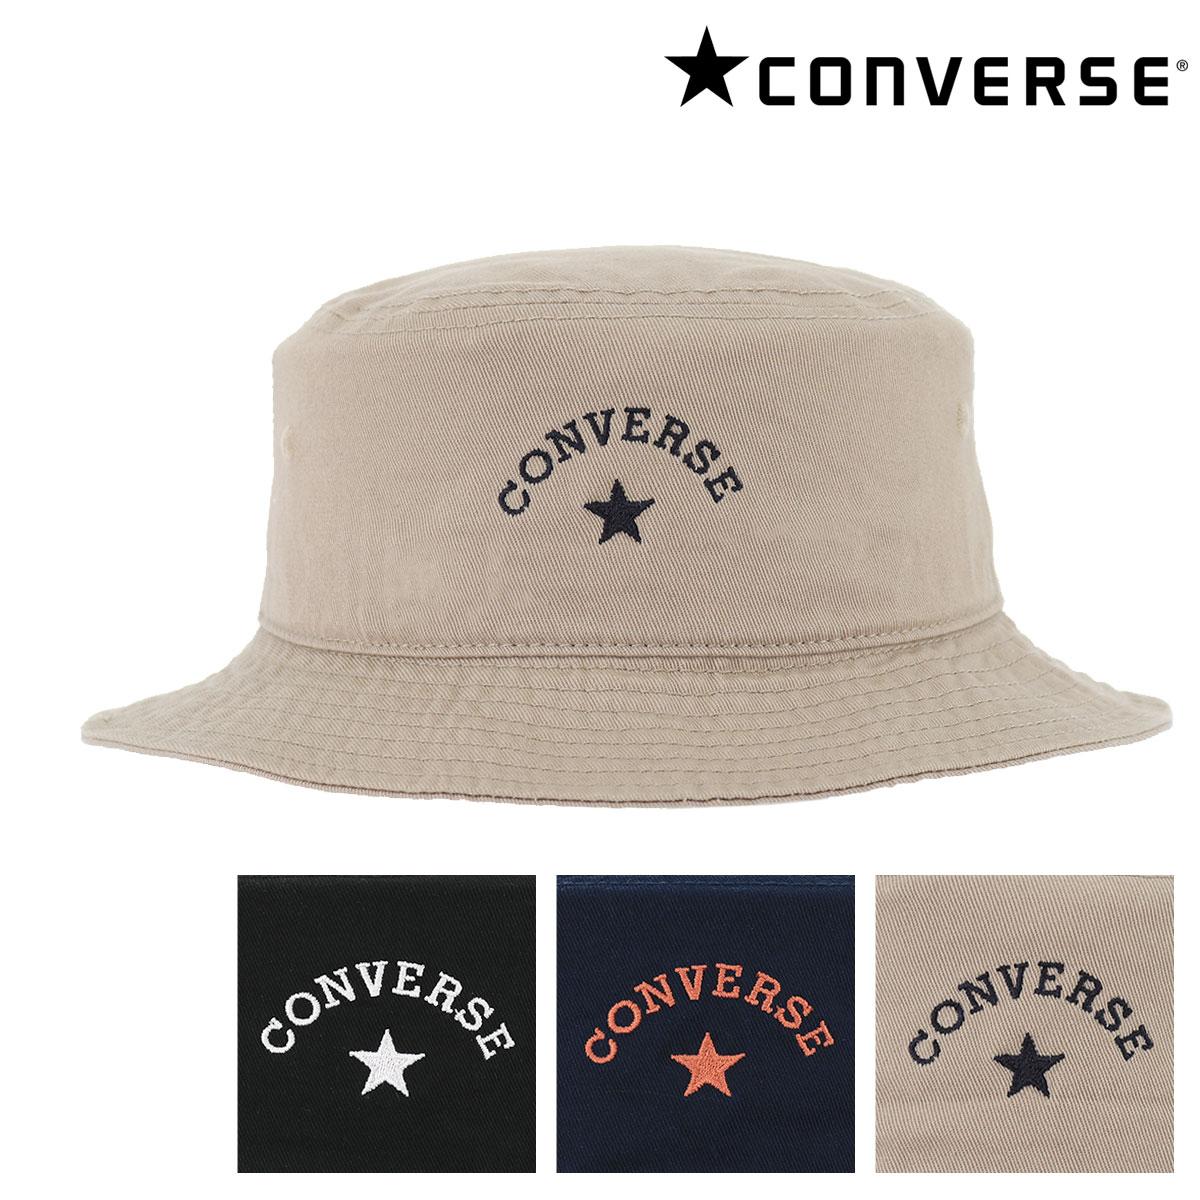 コンバース バケットハット メンズ レディース 195112704 CONVERSE | 帽子 フリーサイズ [bef]